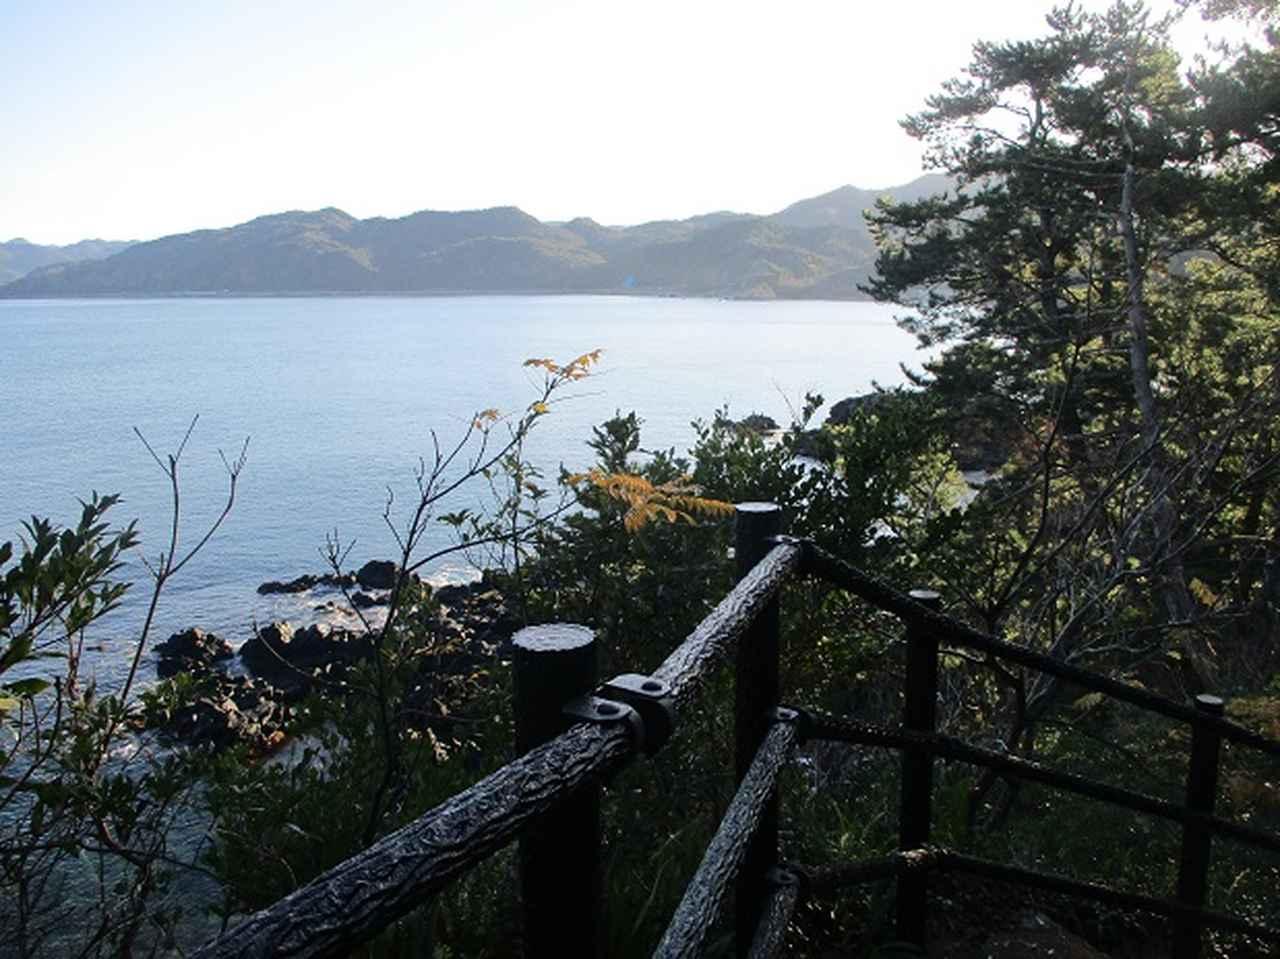 画像8: 1月の山旅会 「宮島弥山・秋吉台龍護峰・萩笠山」 の下見にいってまいりました!